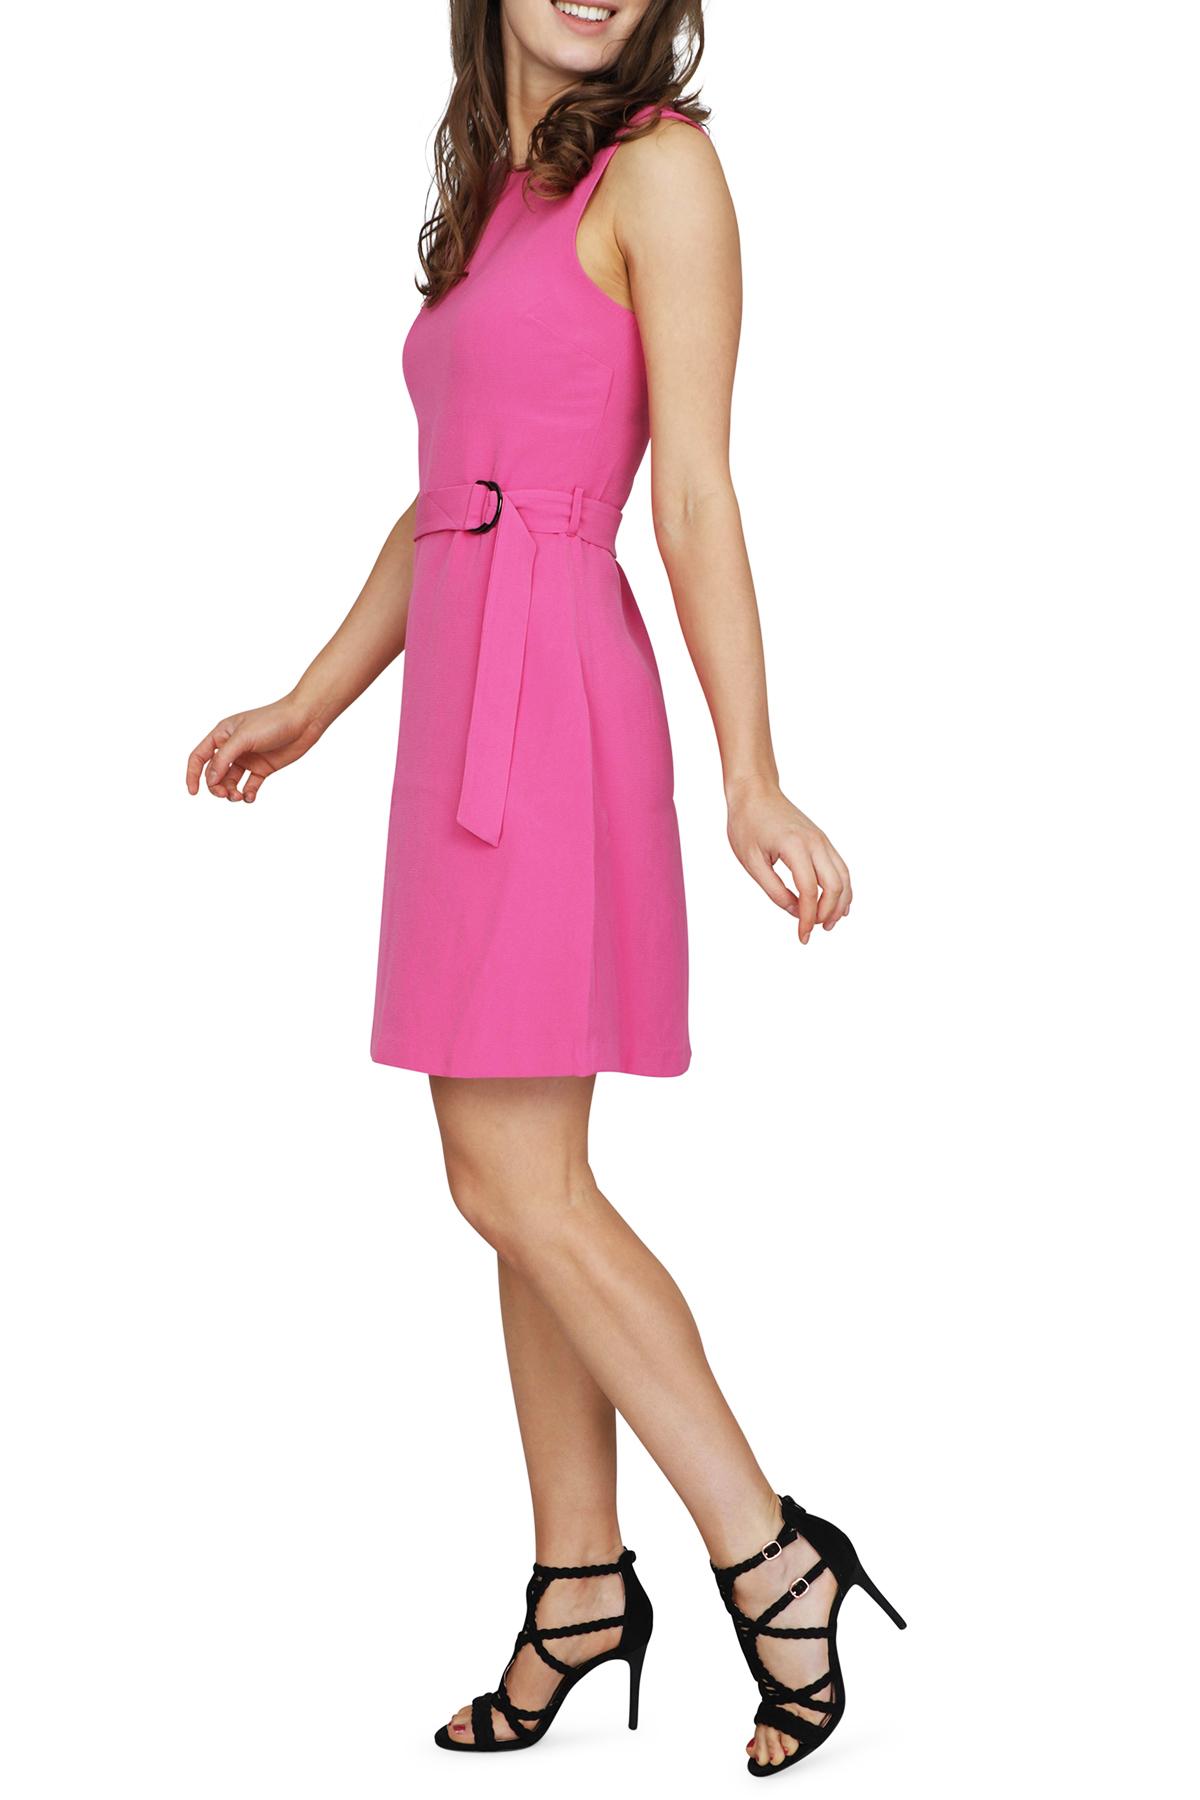 Freebird Jurk Roze Kenzie Pink